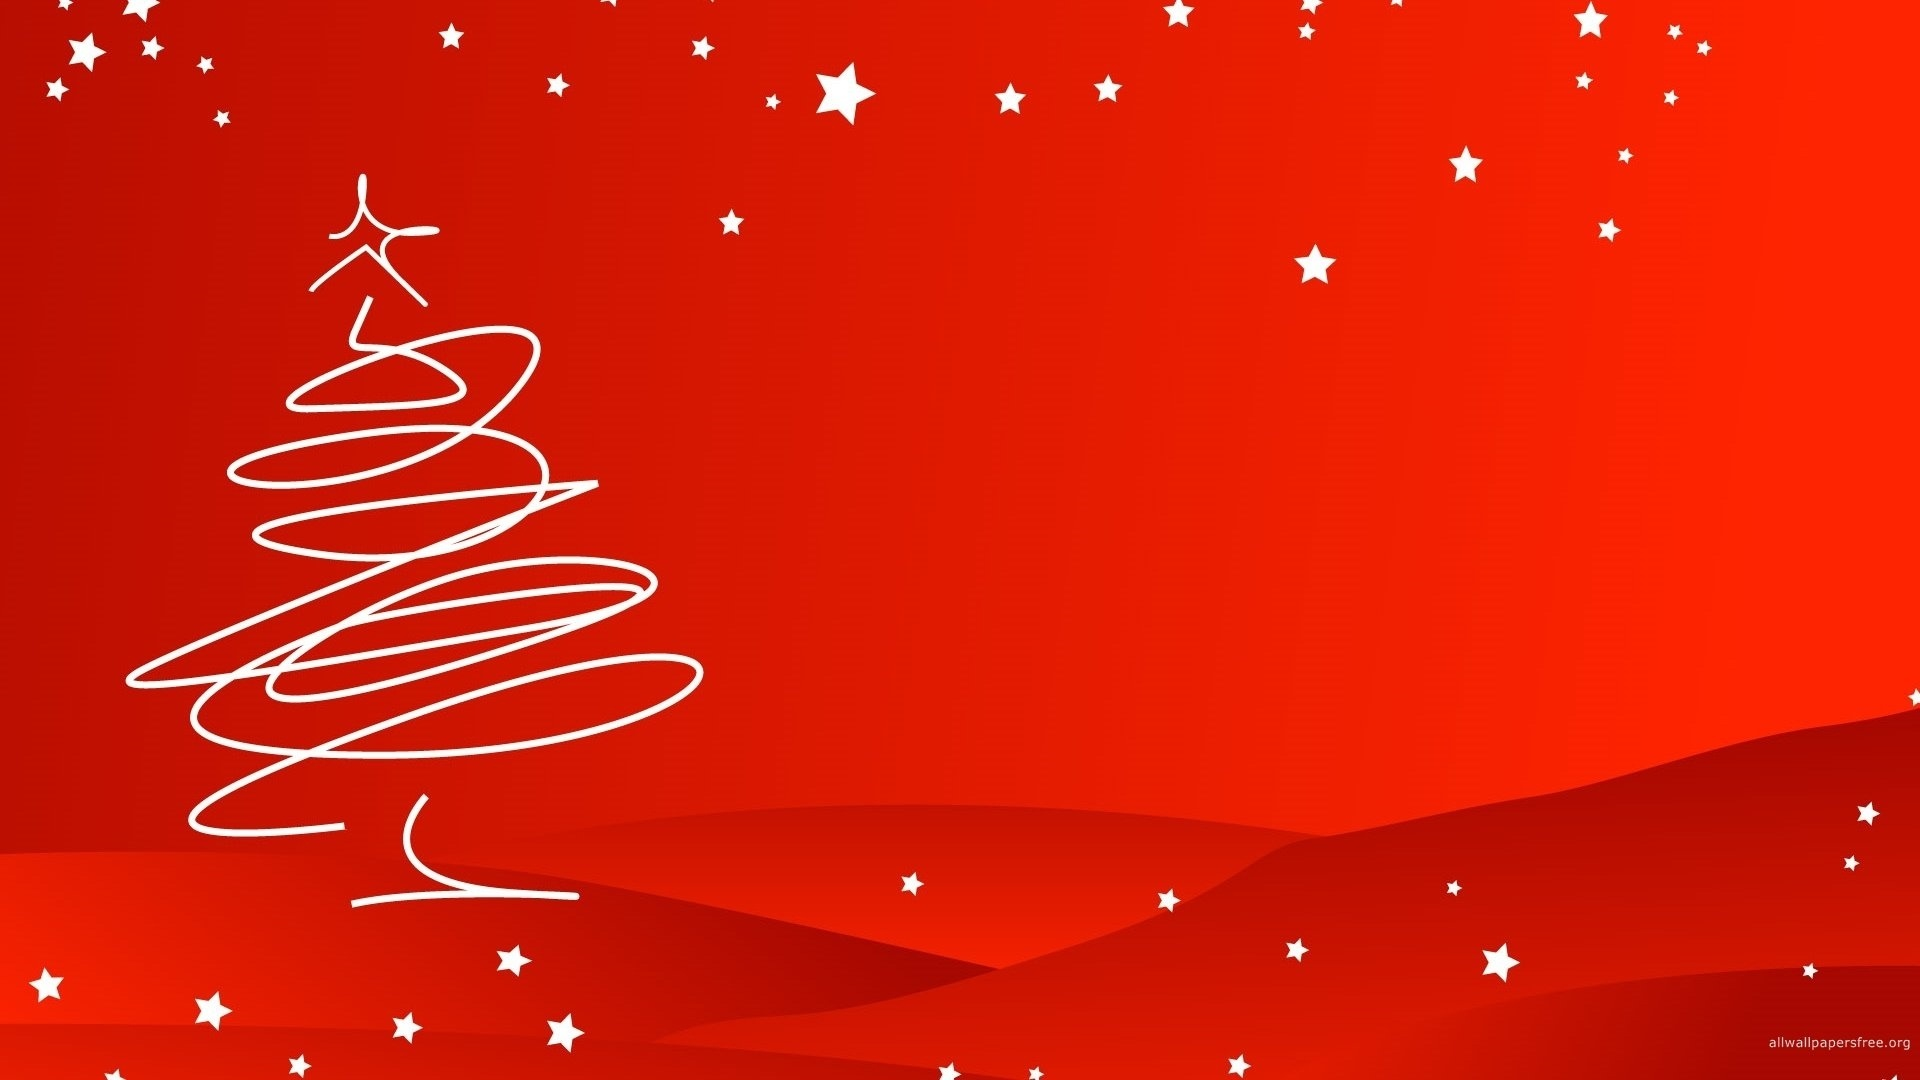 Christmas Red Image